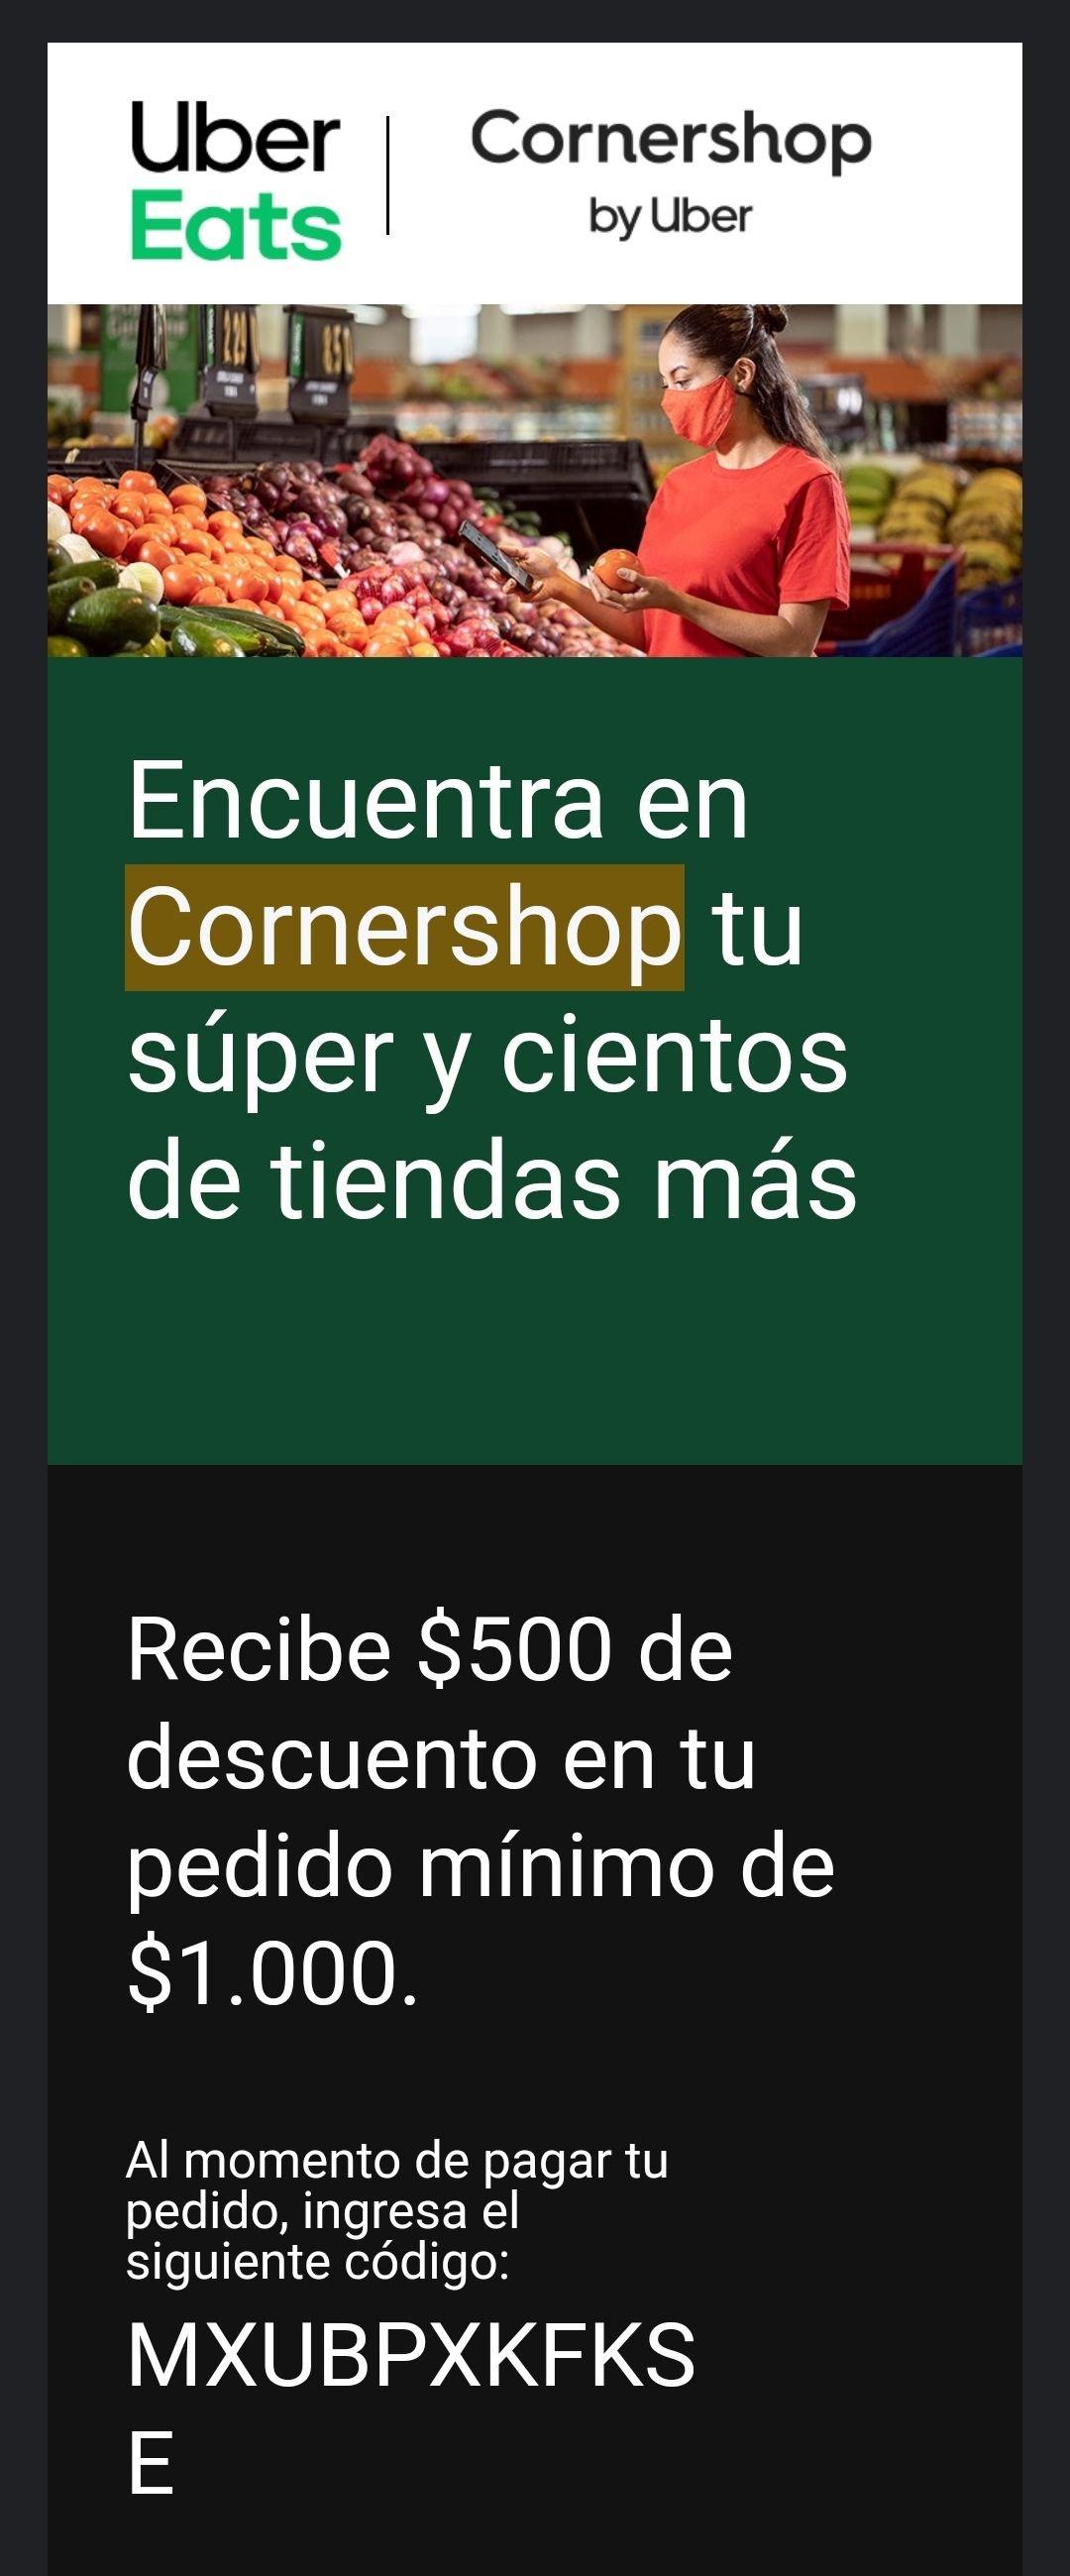 Cornershop: $500 descuento